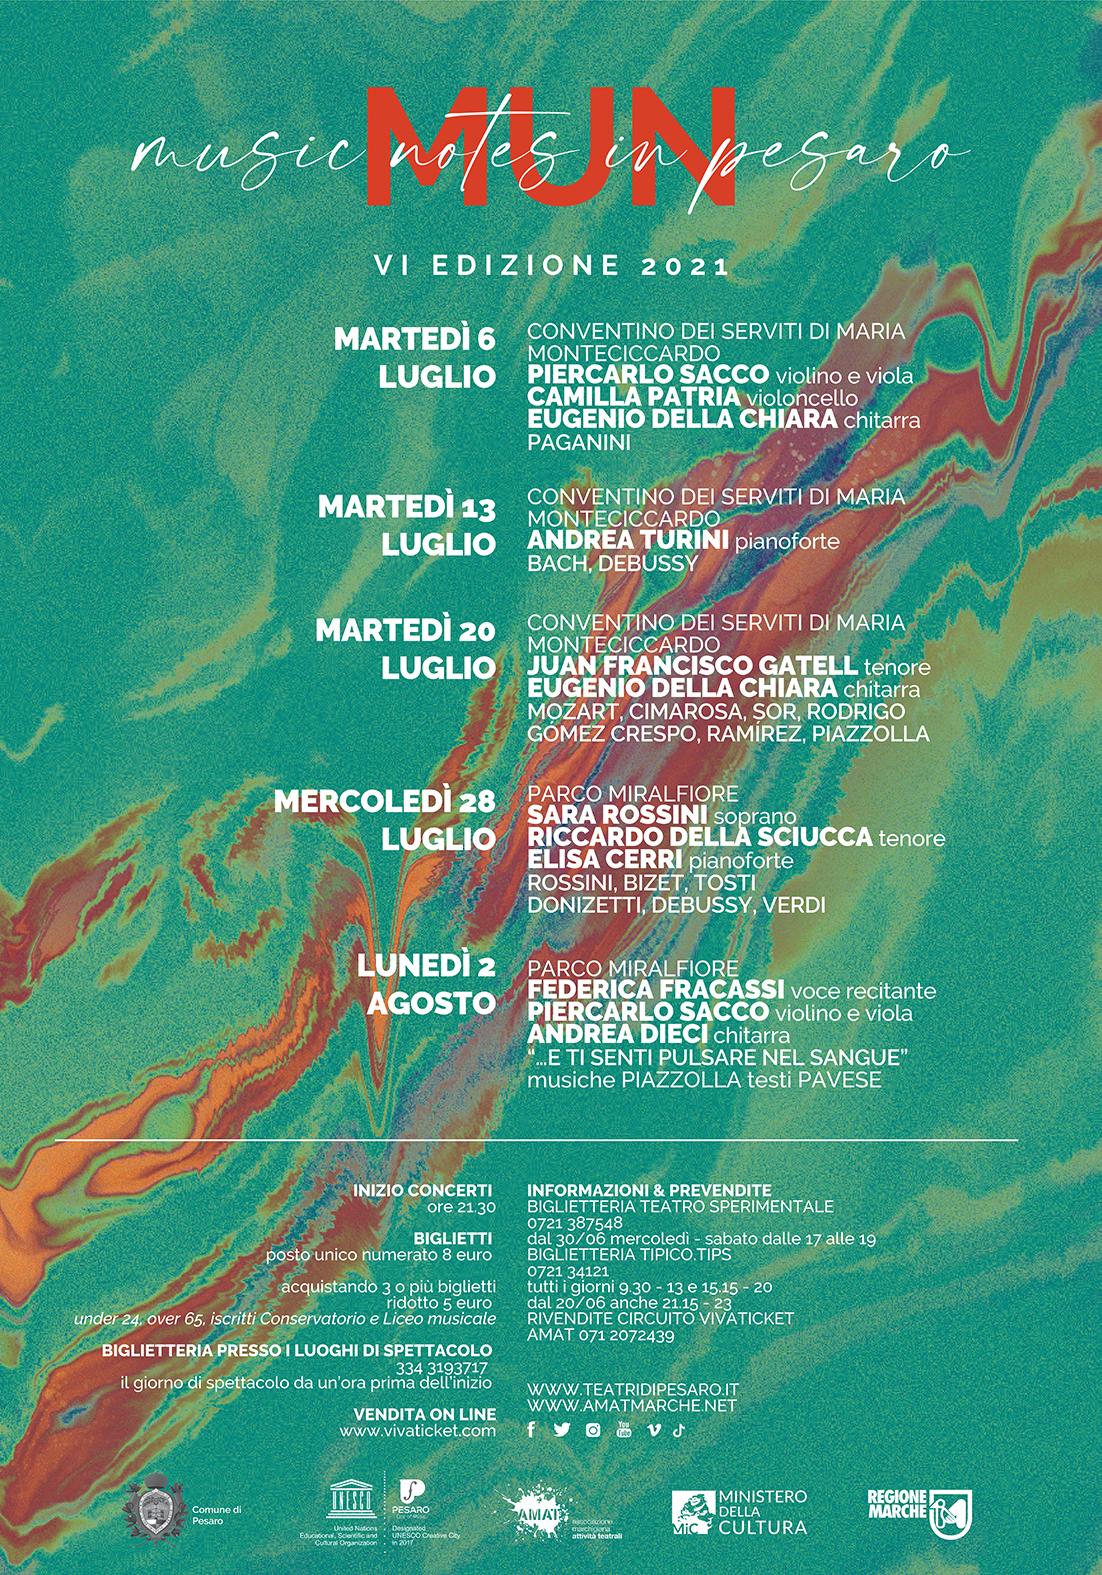 Pesaro | MUN Music Notes in Pesaro 2021